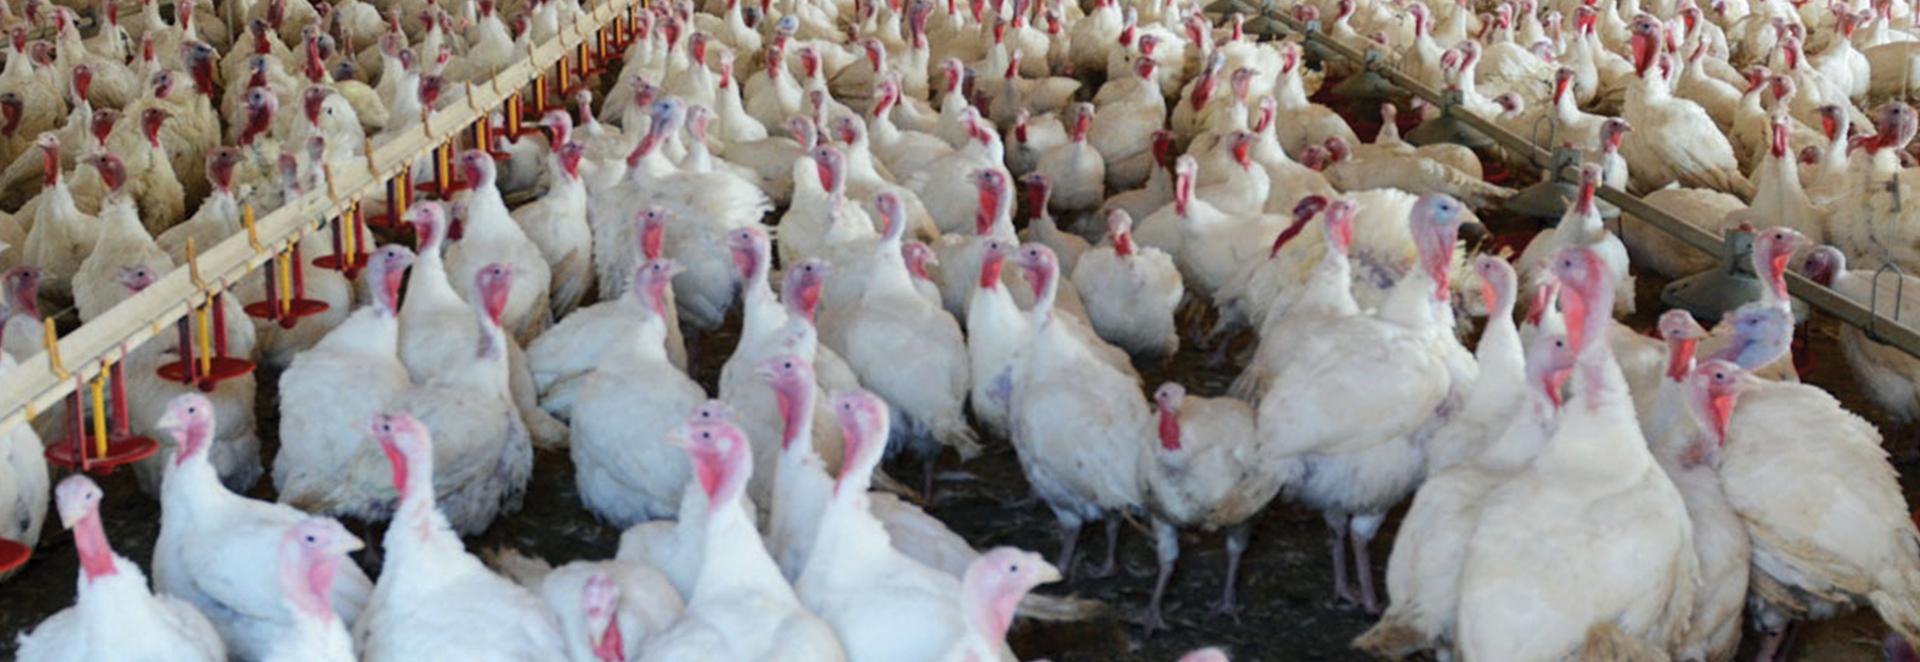 hundreds of poultry